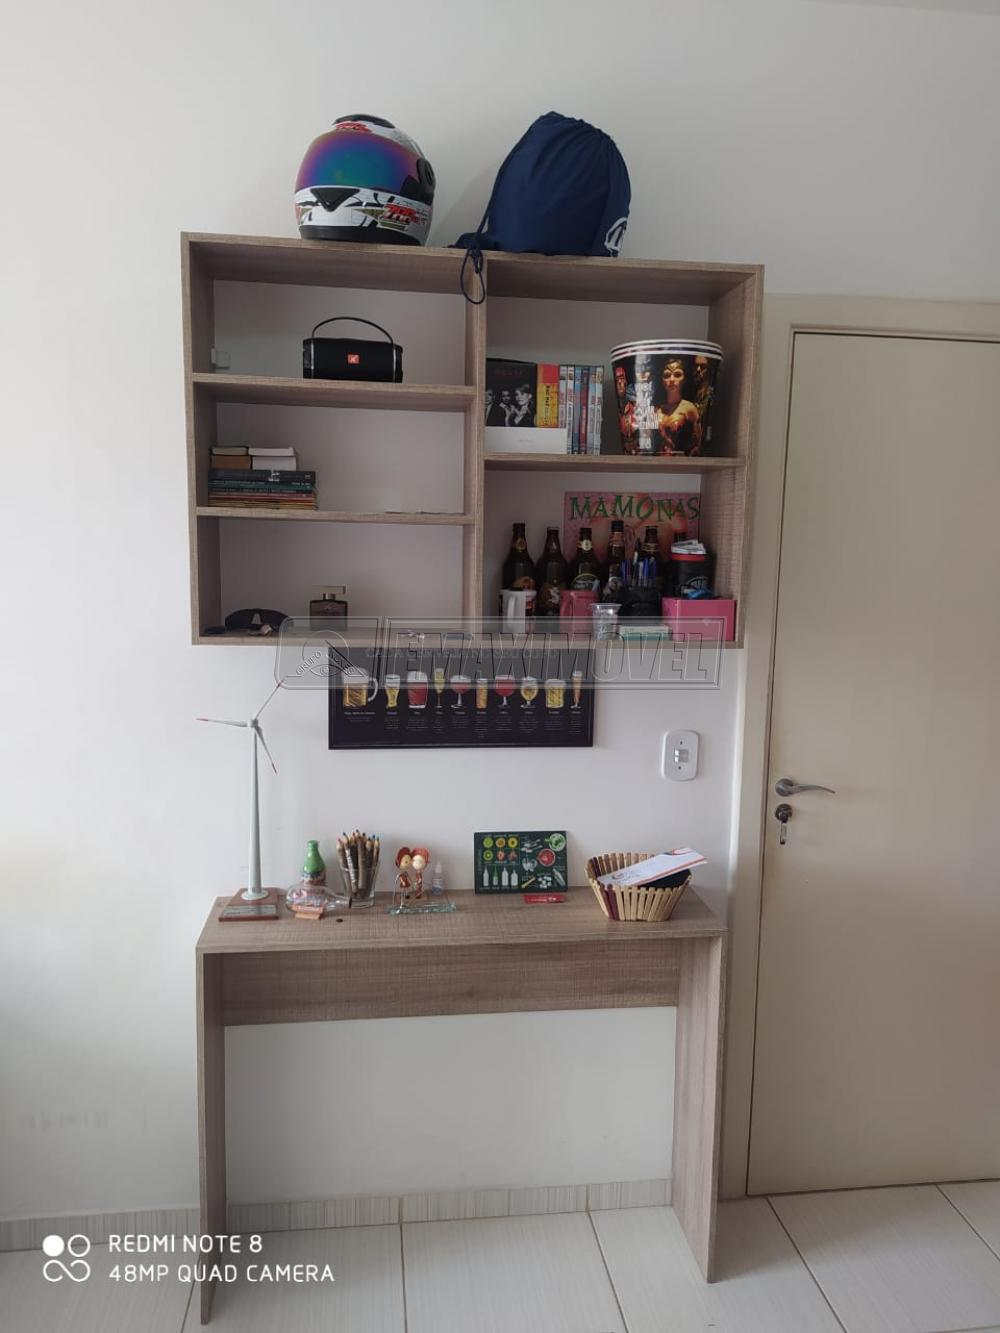 Alugar Apartamentos / Apto Padrão em Sorocaba apenas R$ 1.350,00 - Foto 2